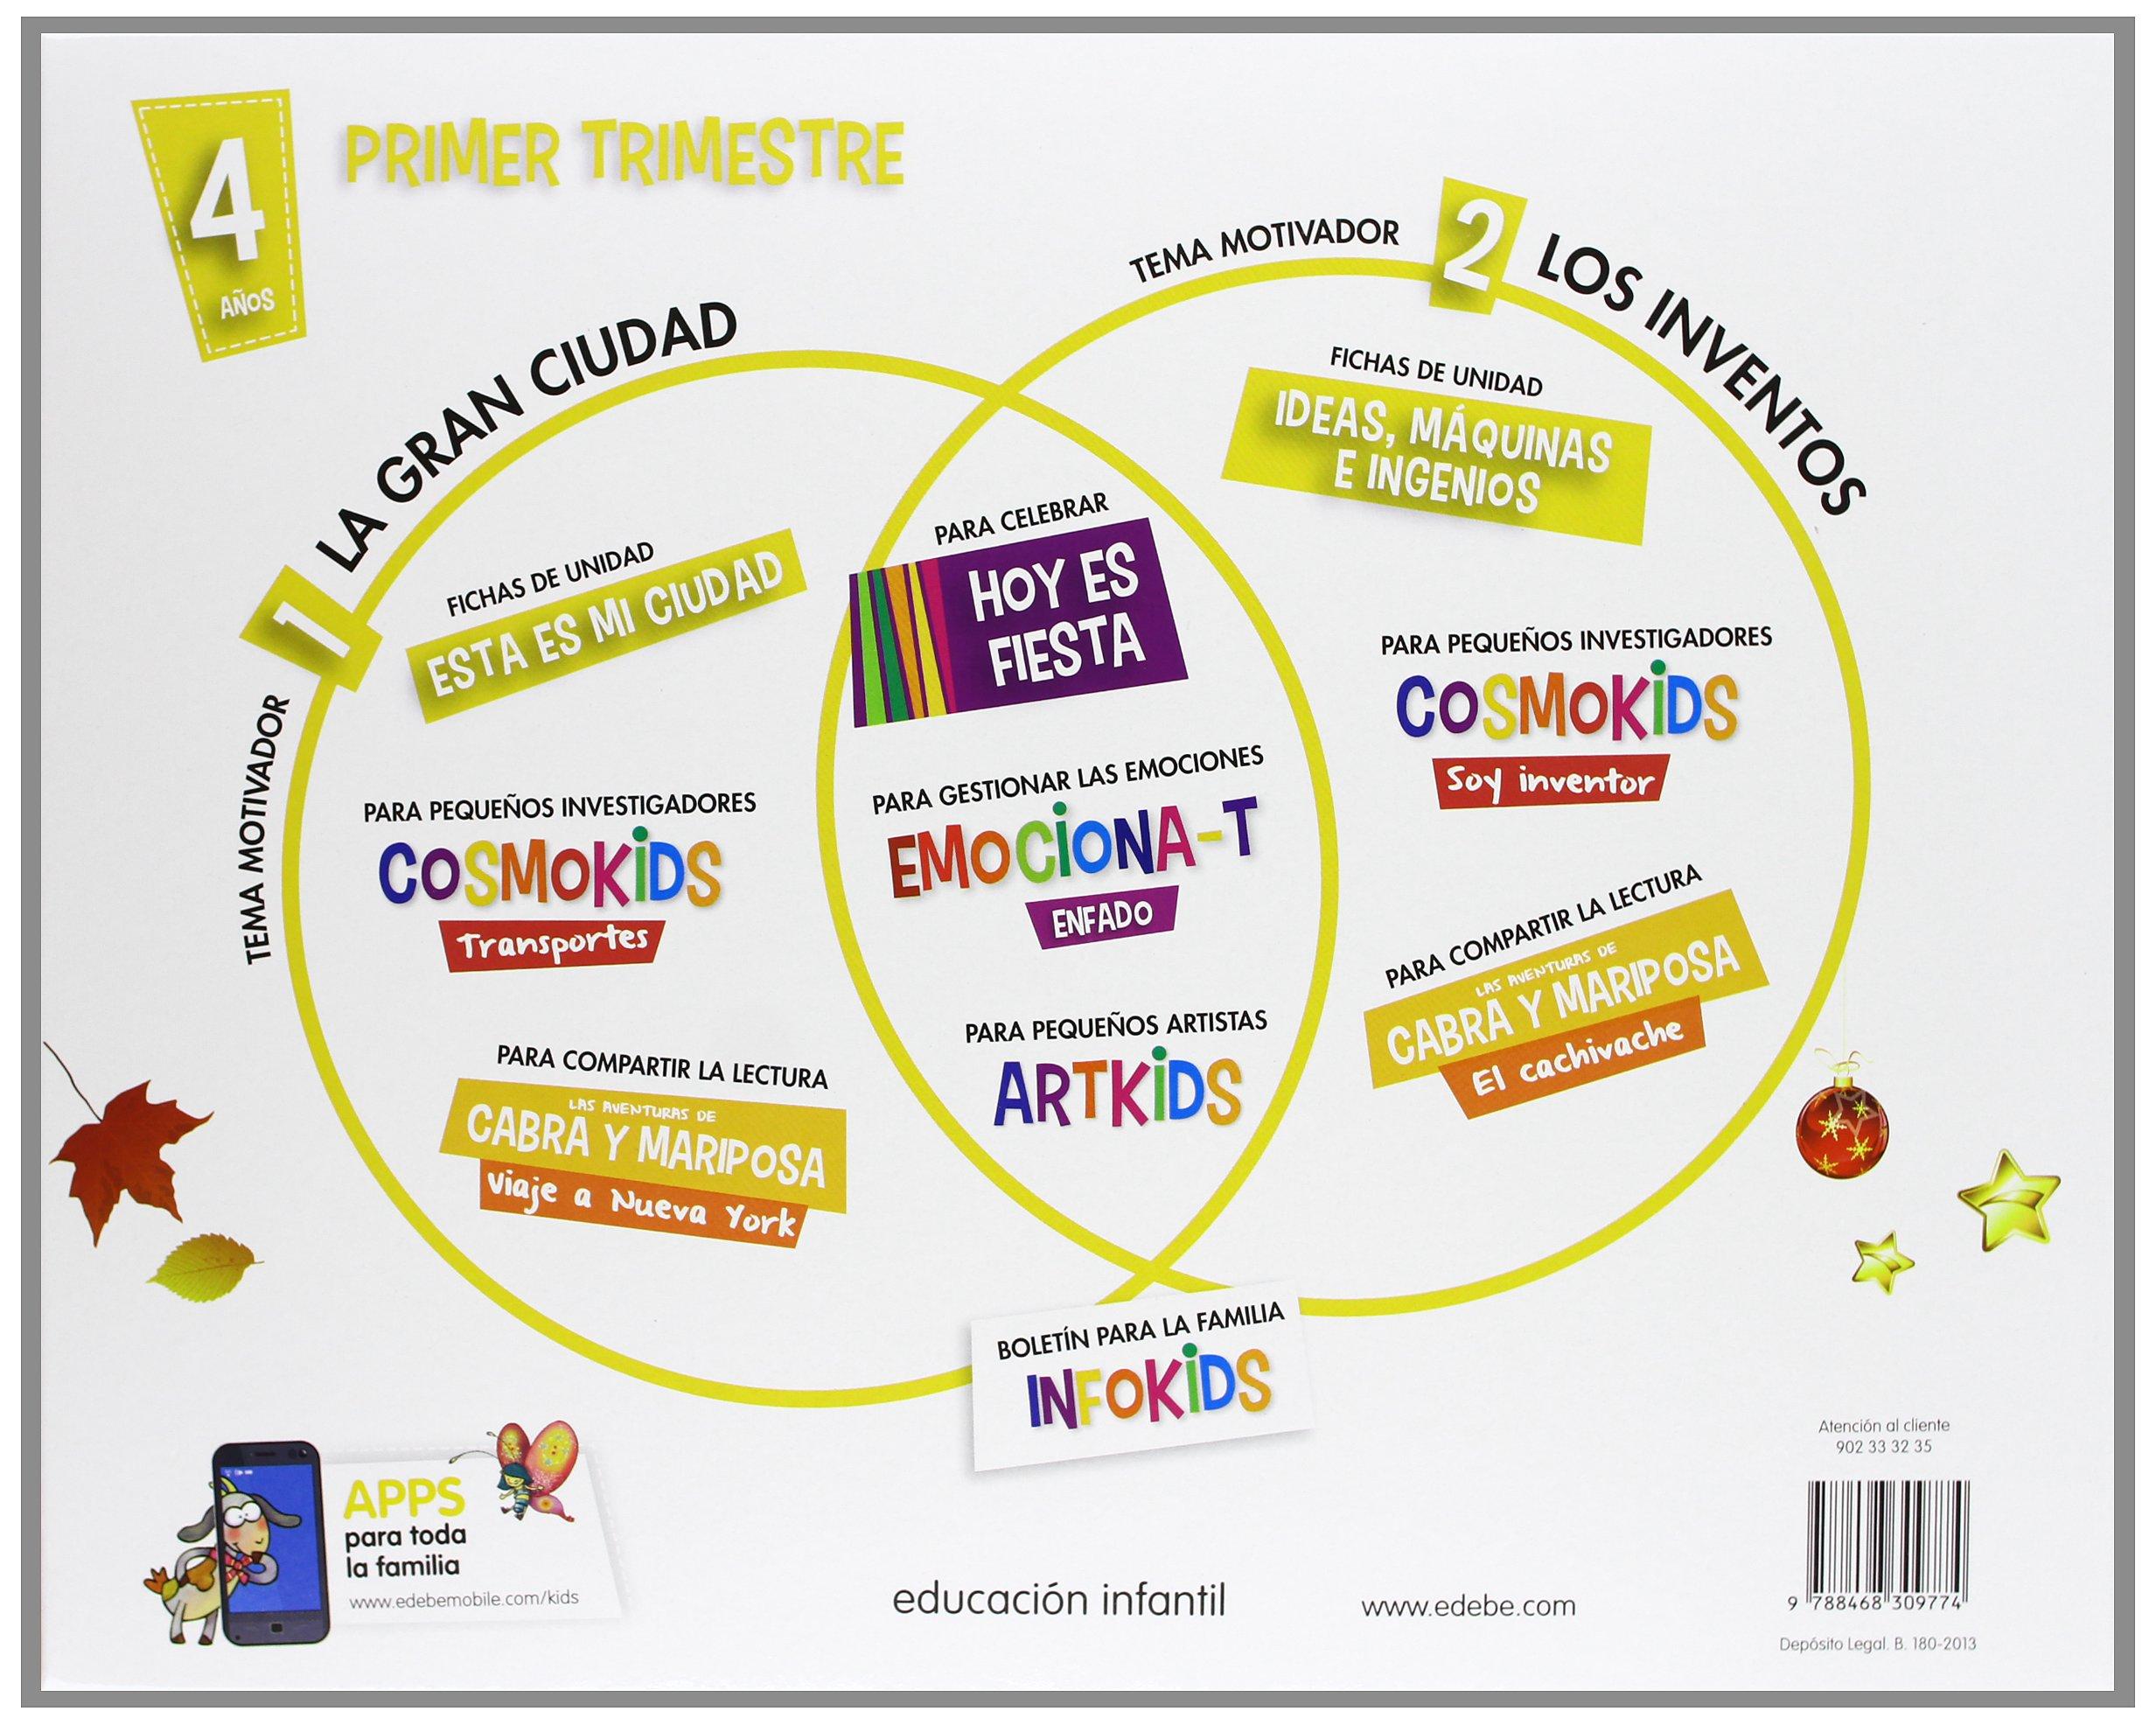 KIDS EDEBE 4 AÑOS PRIMER TRIMESTRE - 9788468309774: Amazon.es: Obra  Colectiva Edebé: Libros